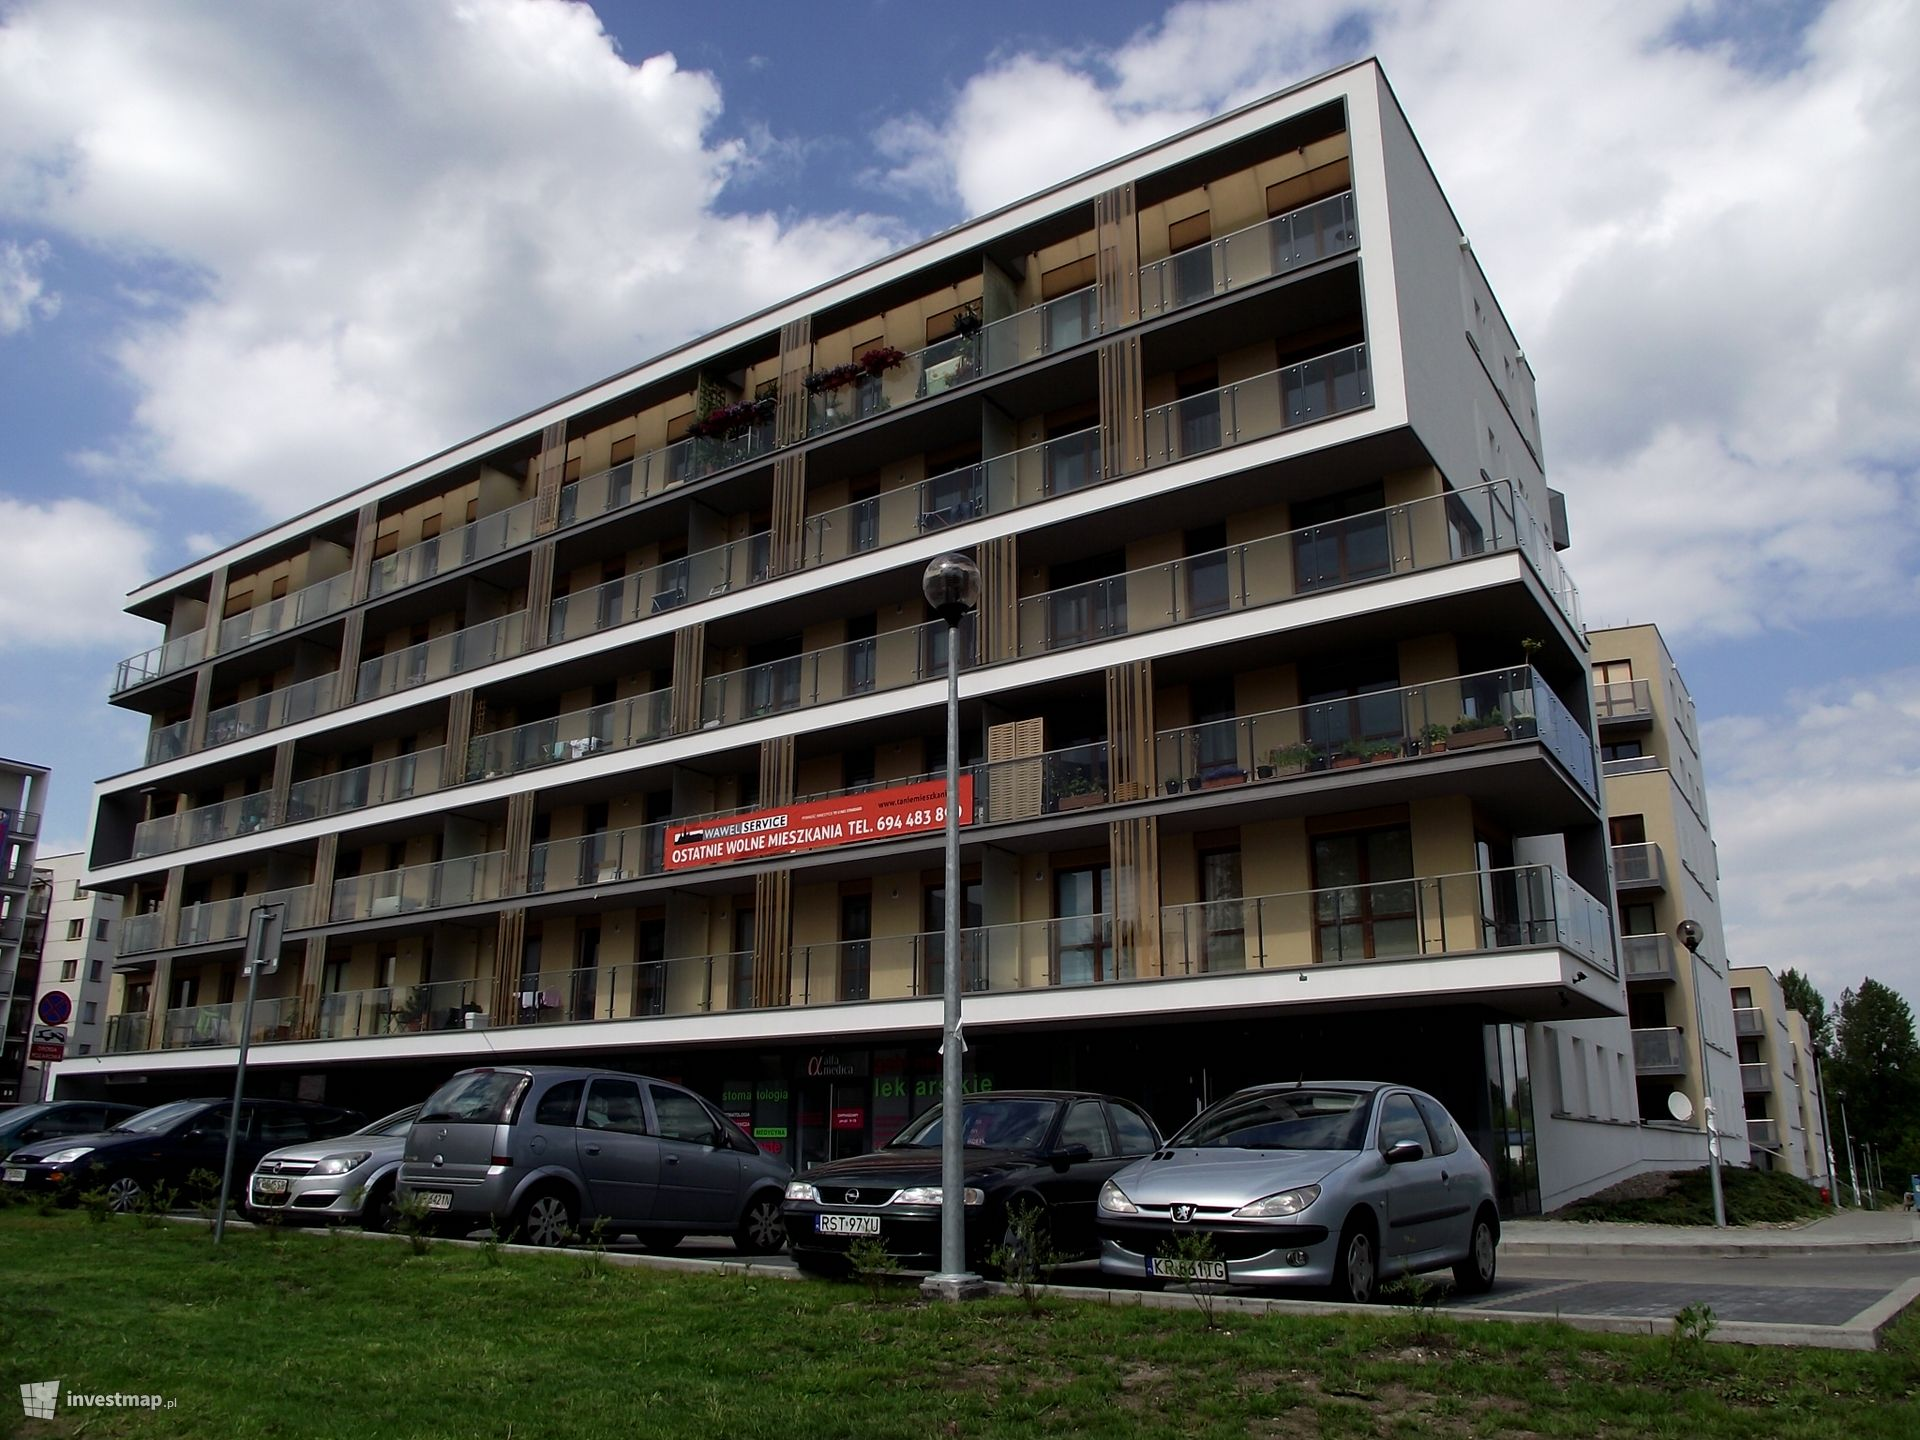 Budynki Mieszkalne Wawel Service ul. Wielicka 44